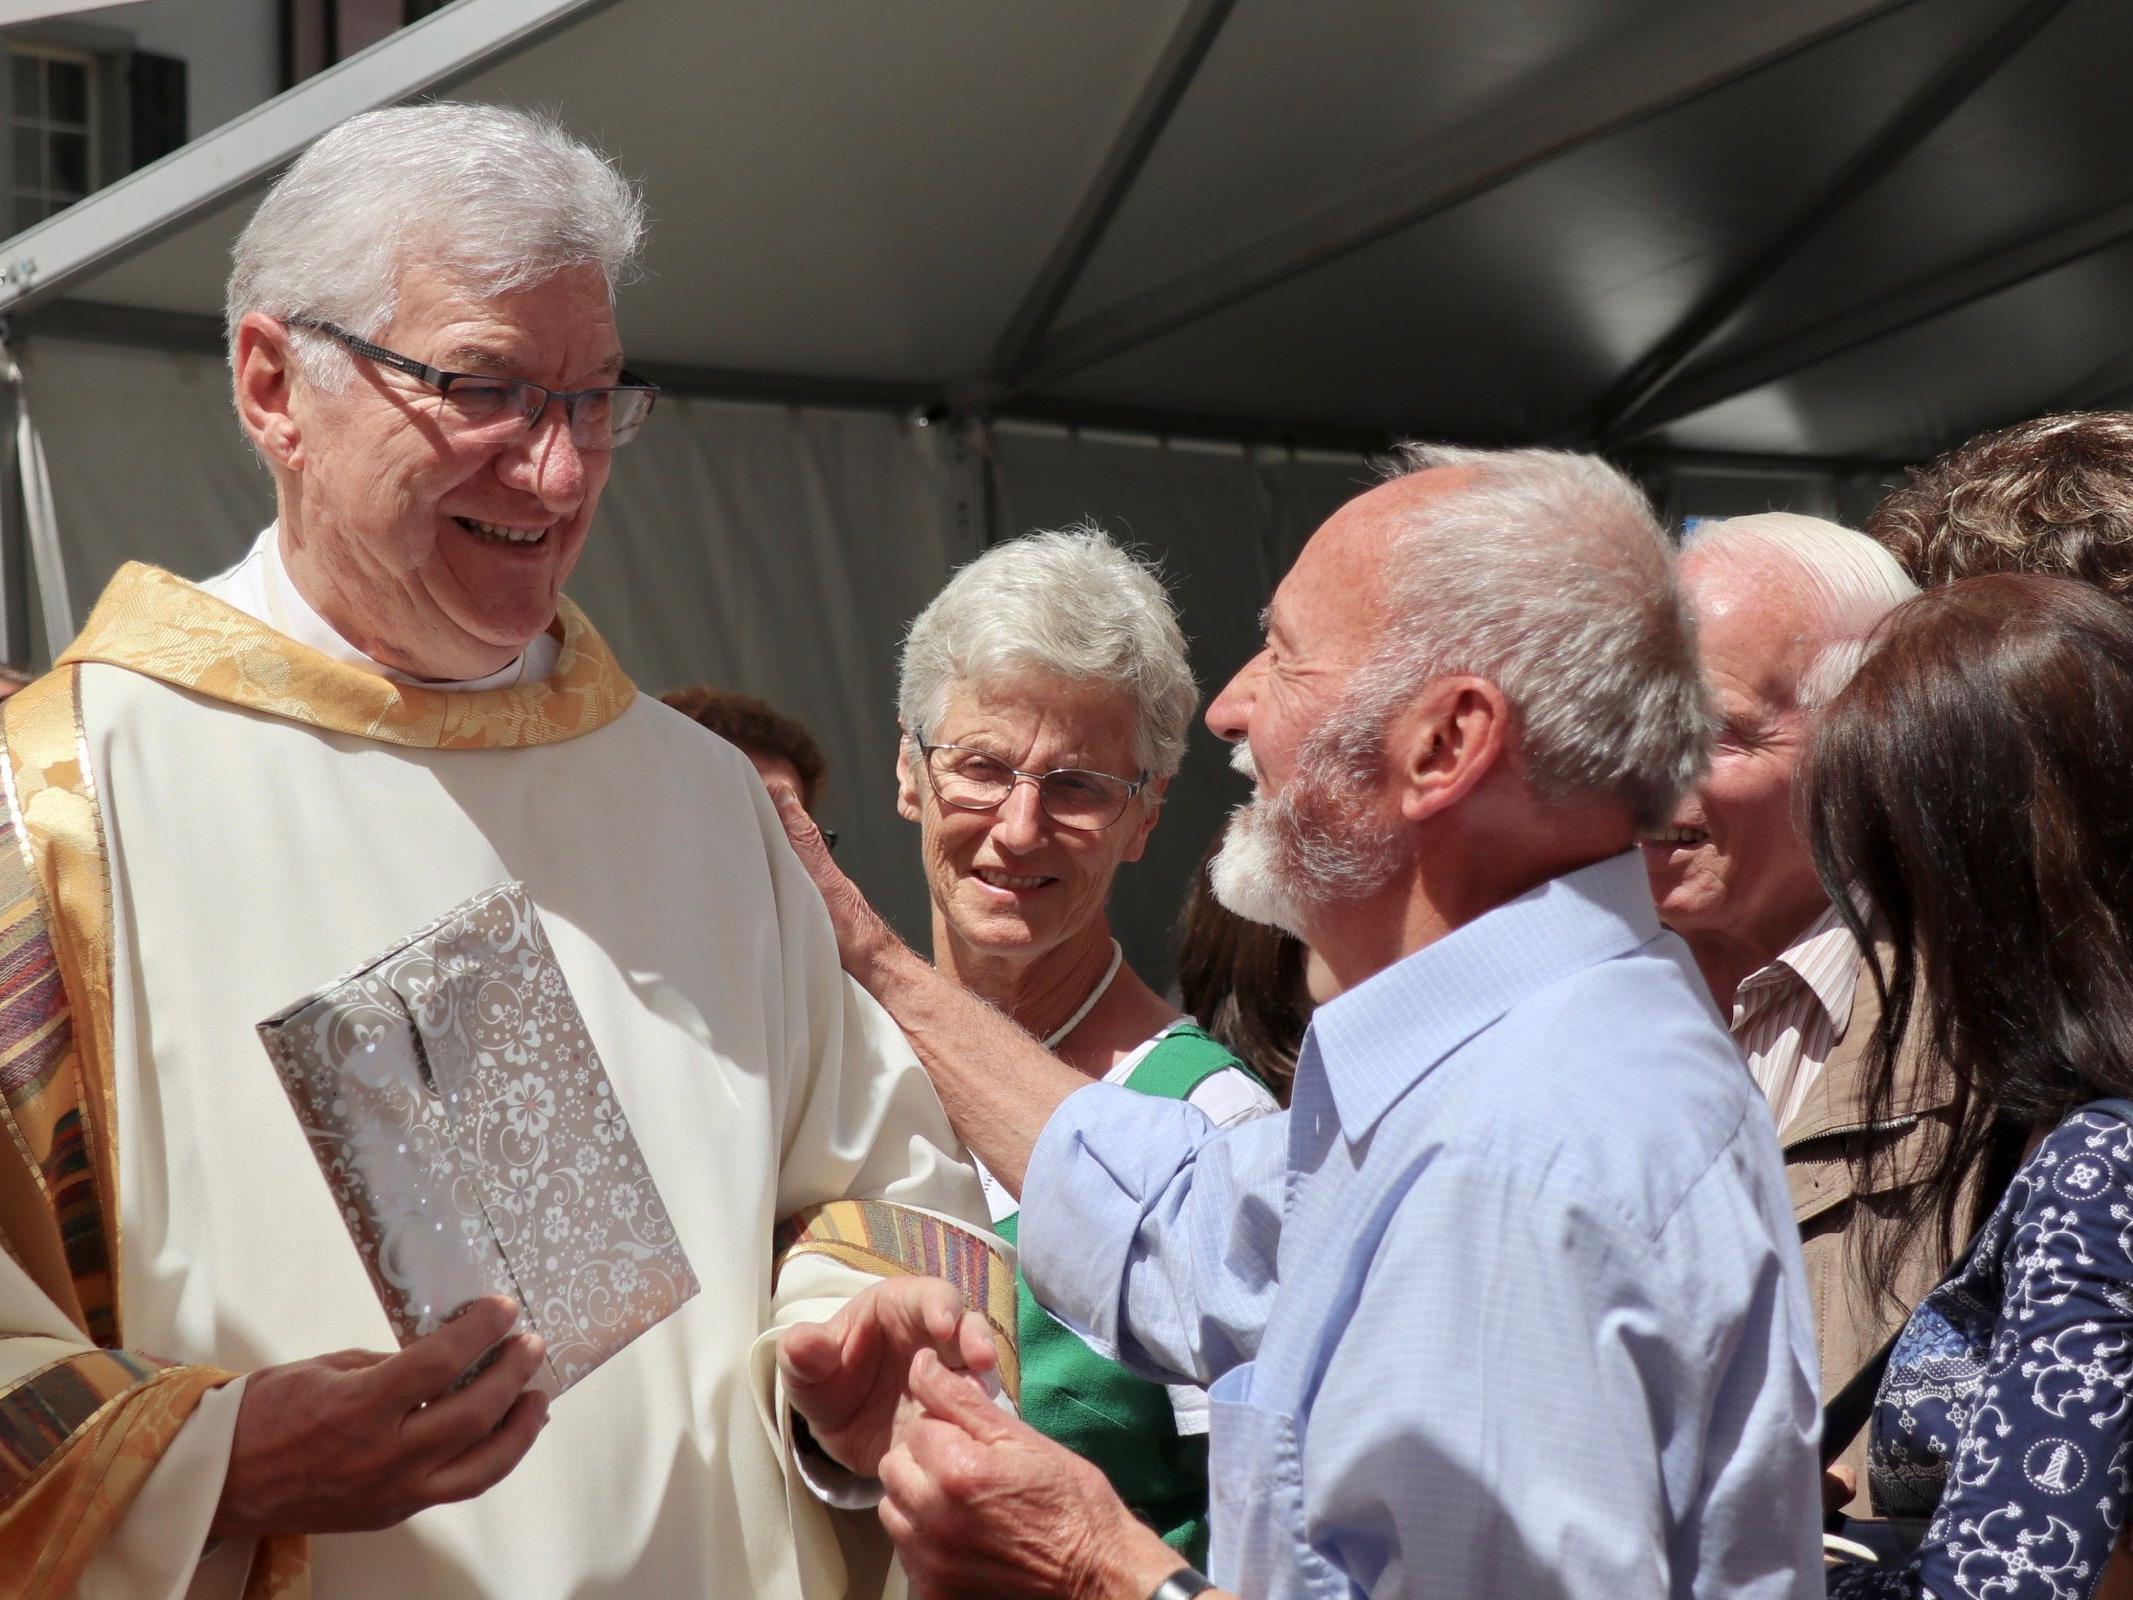 Jeder Gast wollte Dompfarrer Rudl Bischof zu den beiden Jubiläen gratulieren und gute Wünsche überbringen.